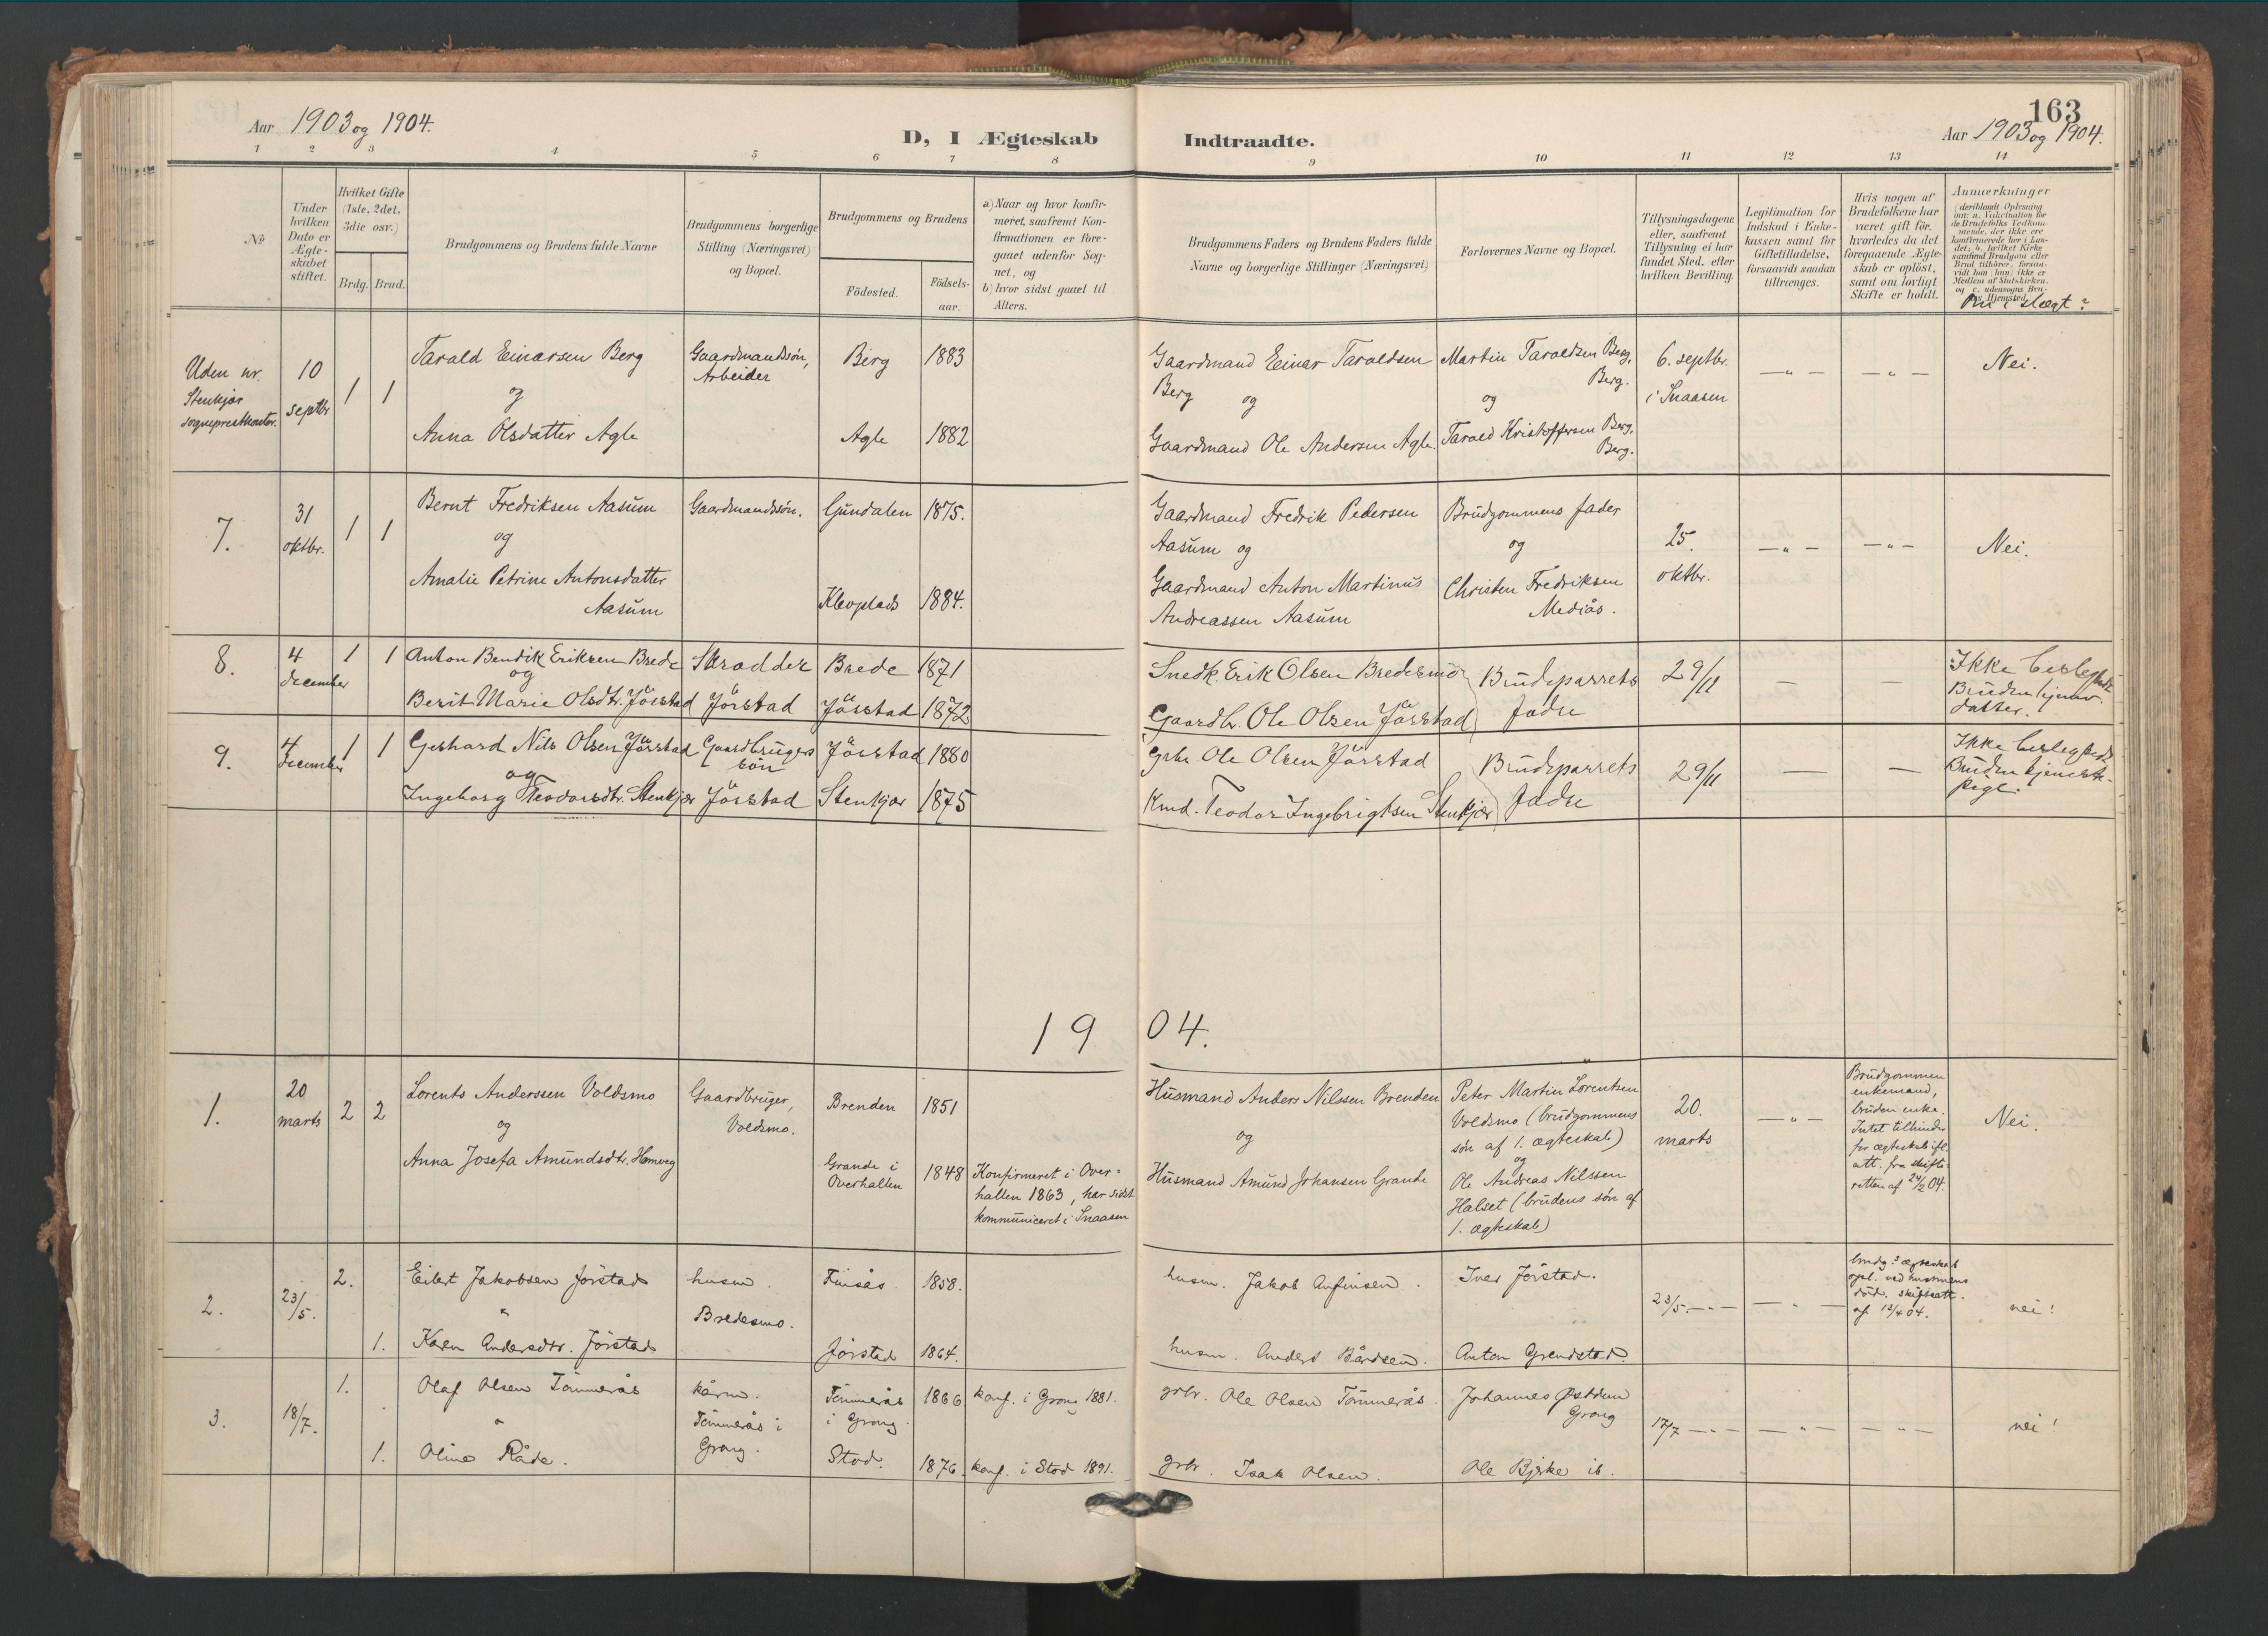 SAT, Ministerialprotokoller, klokkerbøker og fødselsregistre - Nord-Trøndelag, 749/L0477: Ministerialbok nr. 749A11, 1902-1927, s. 163